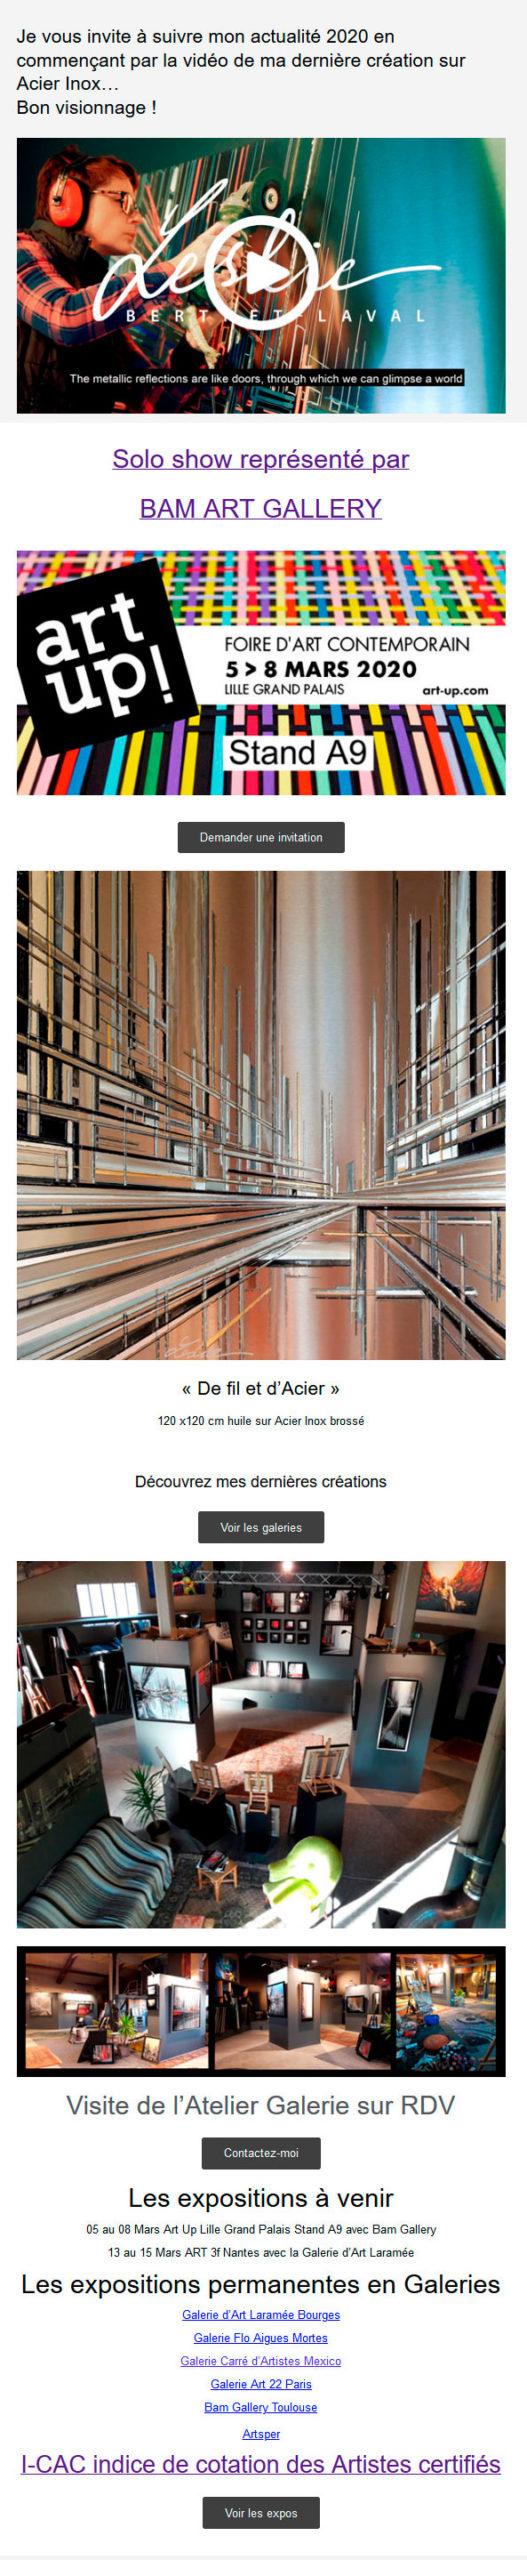 Exposition Art up lilles, vidéo de l'atelier galerie Leslie